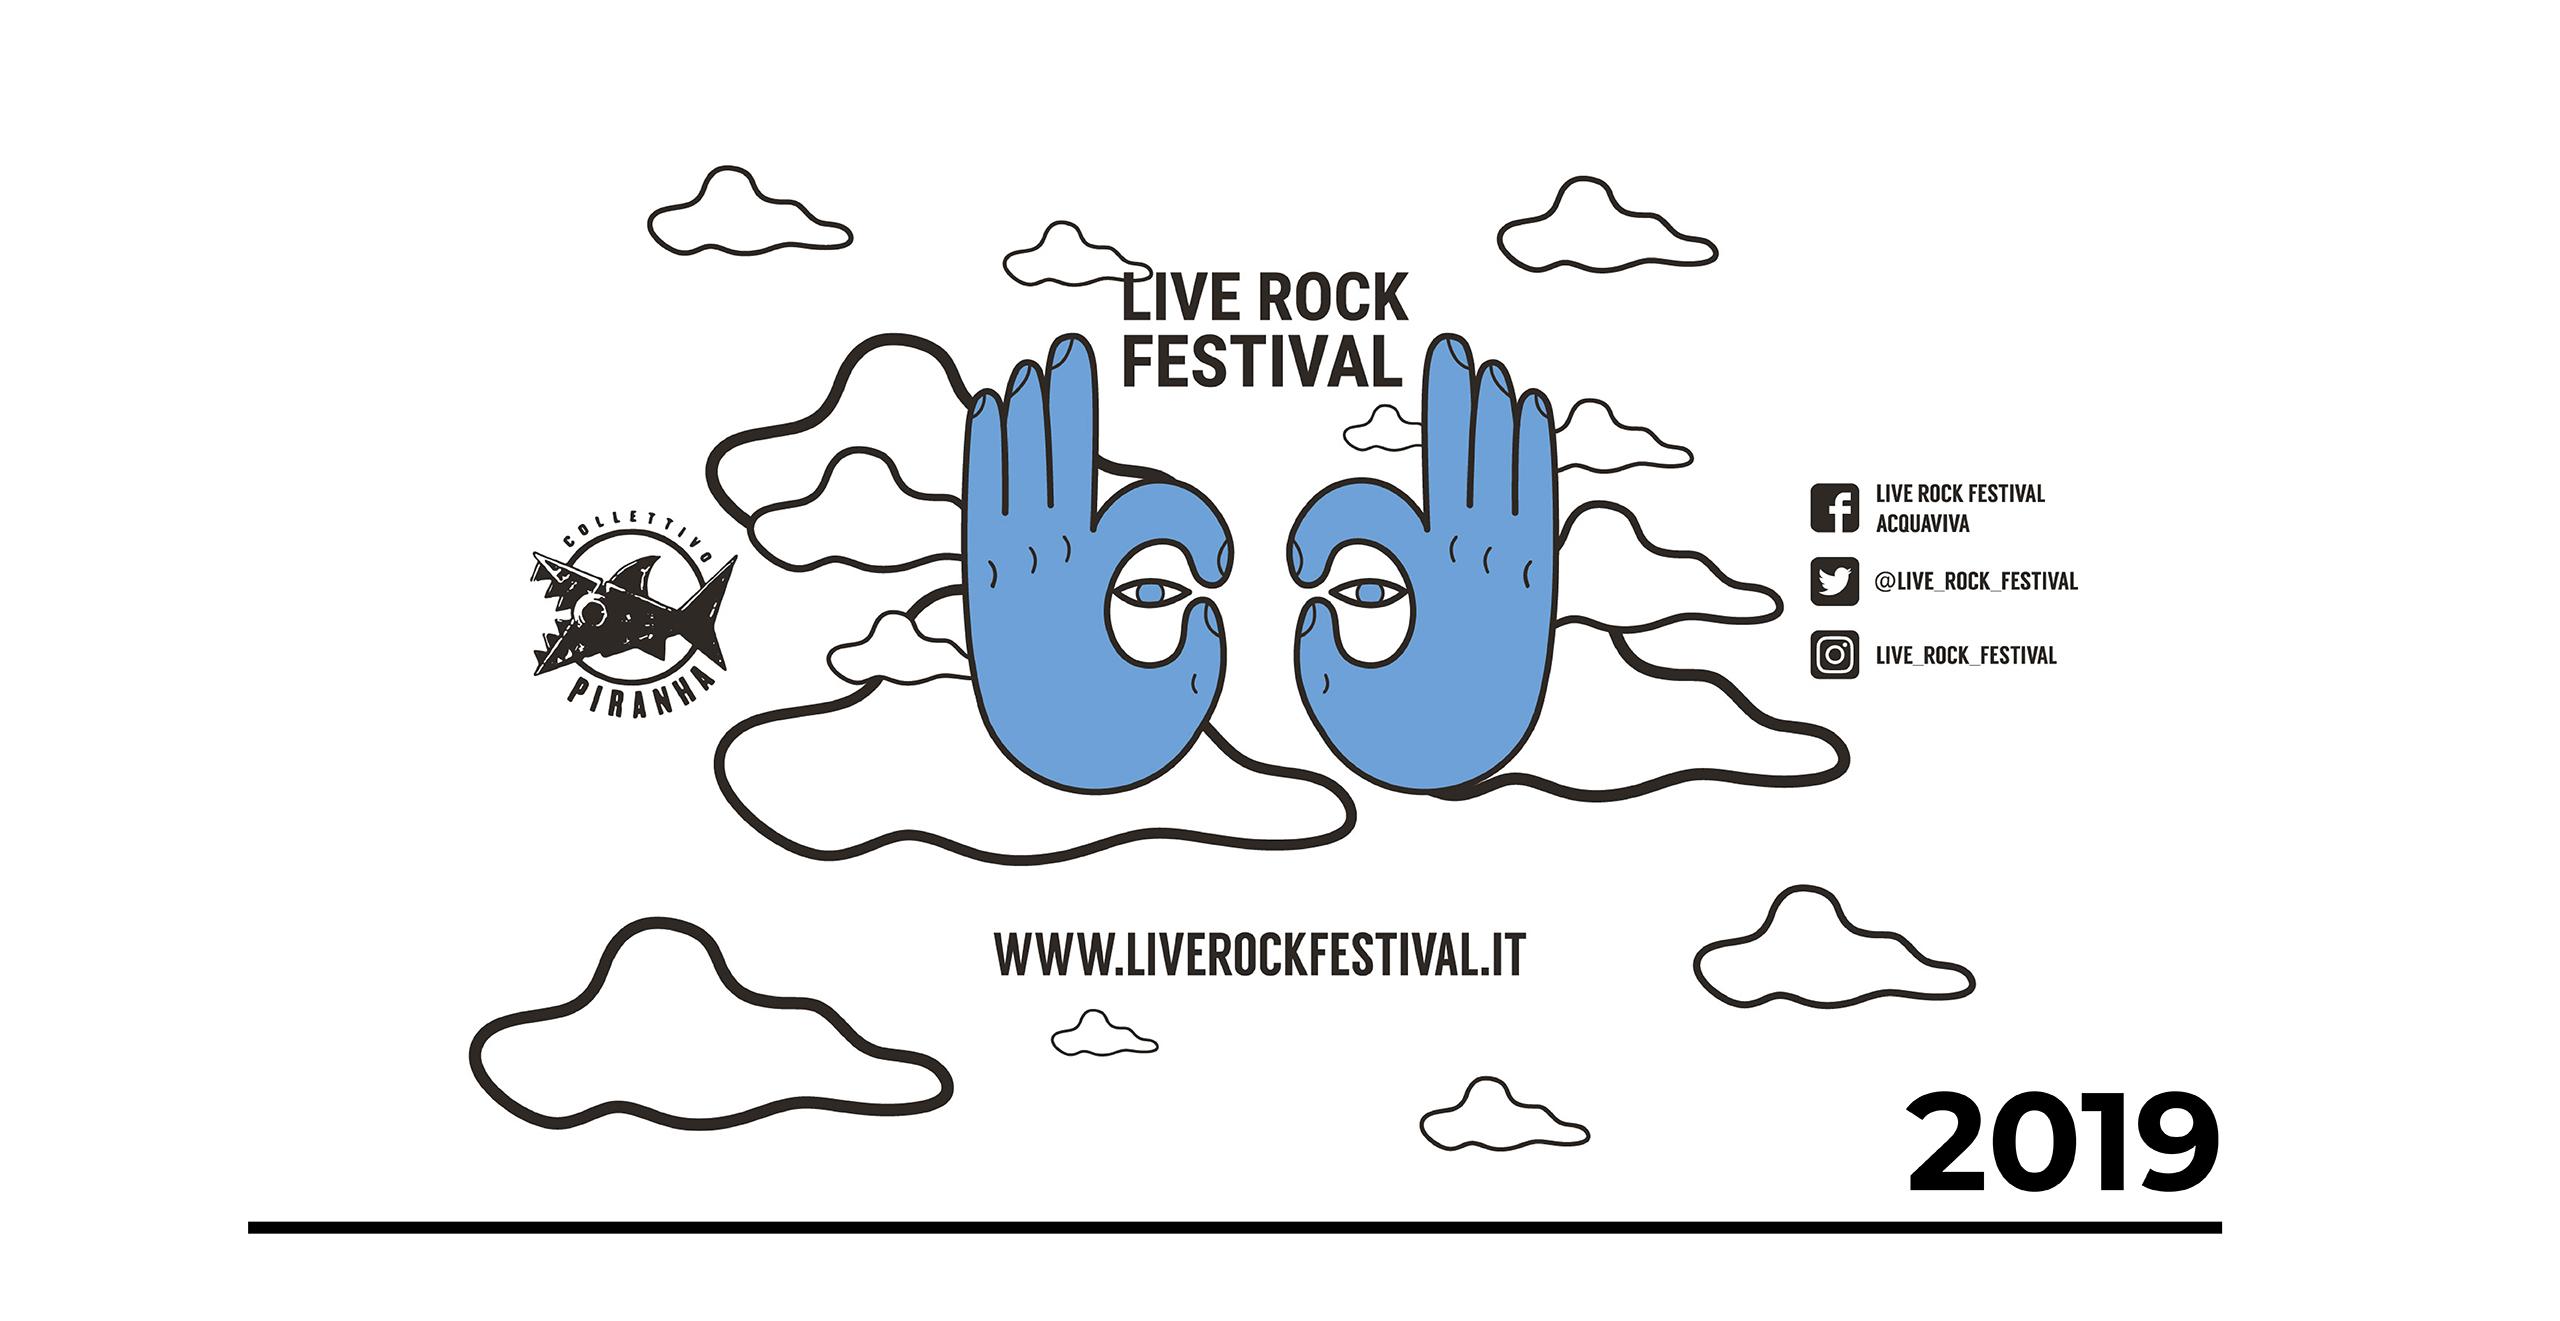 Illustrazione Bicchiere Live Rock Festival 2019